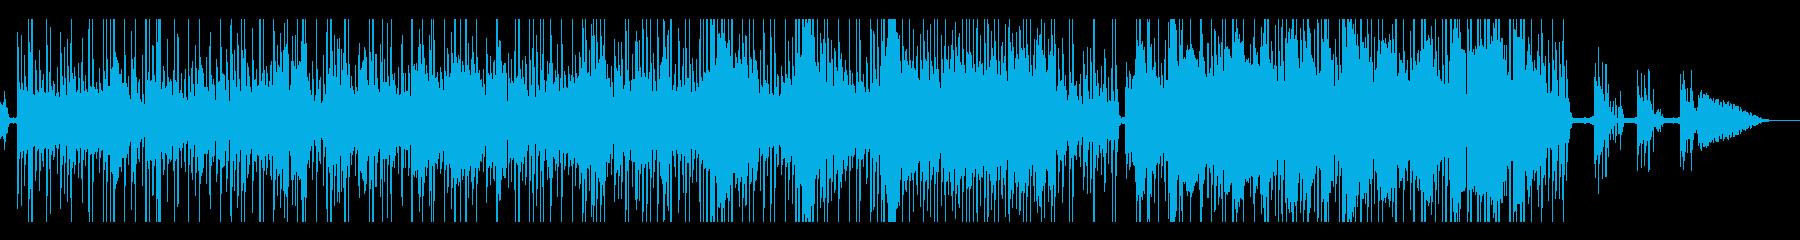 ワルツの曲に可愛い女性vocalの再生済みの波形